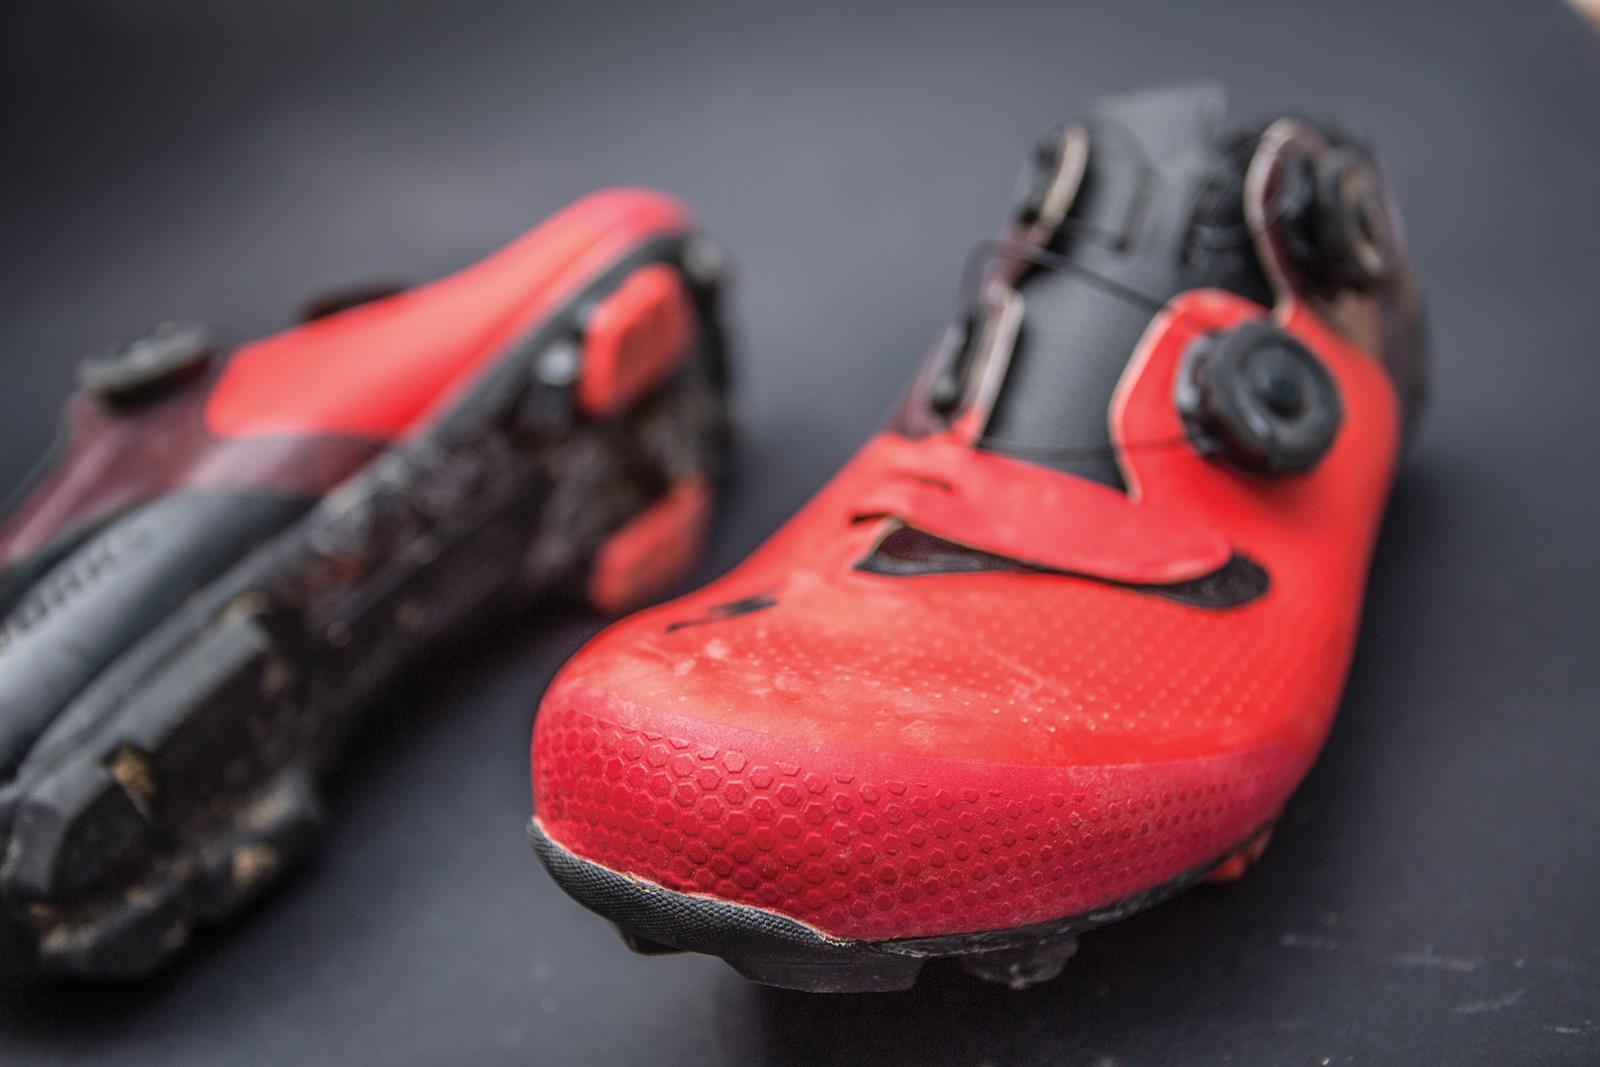 Specialized S-Works XC cipele slika 3